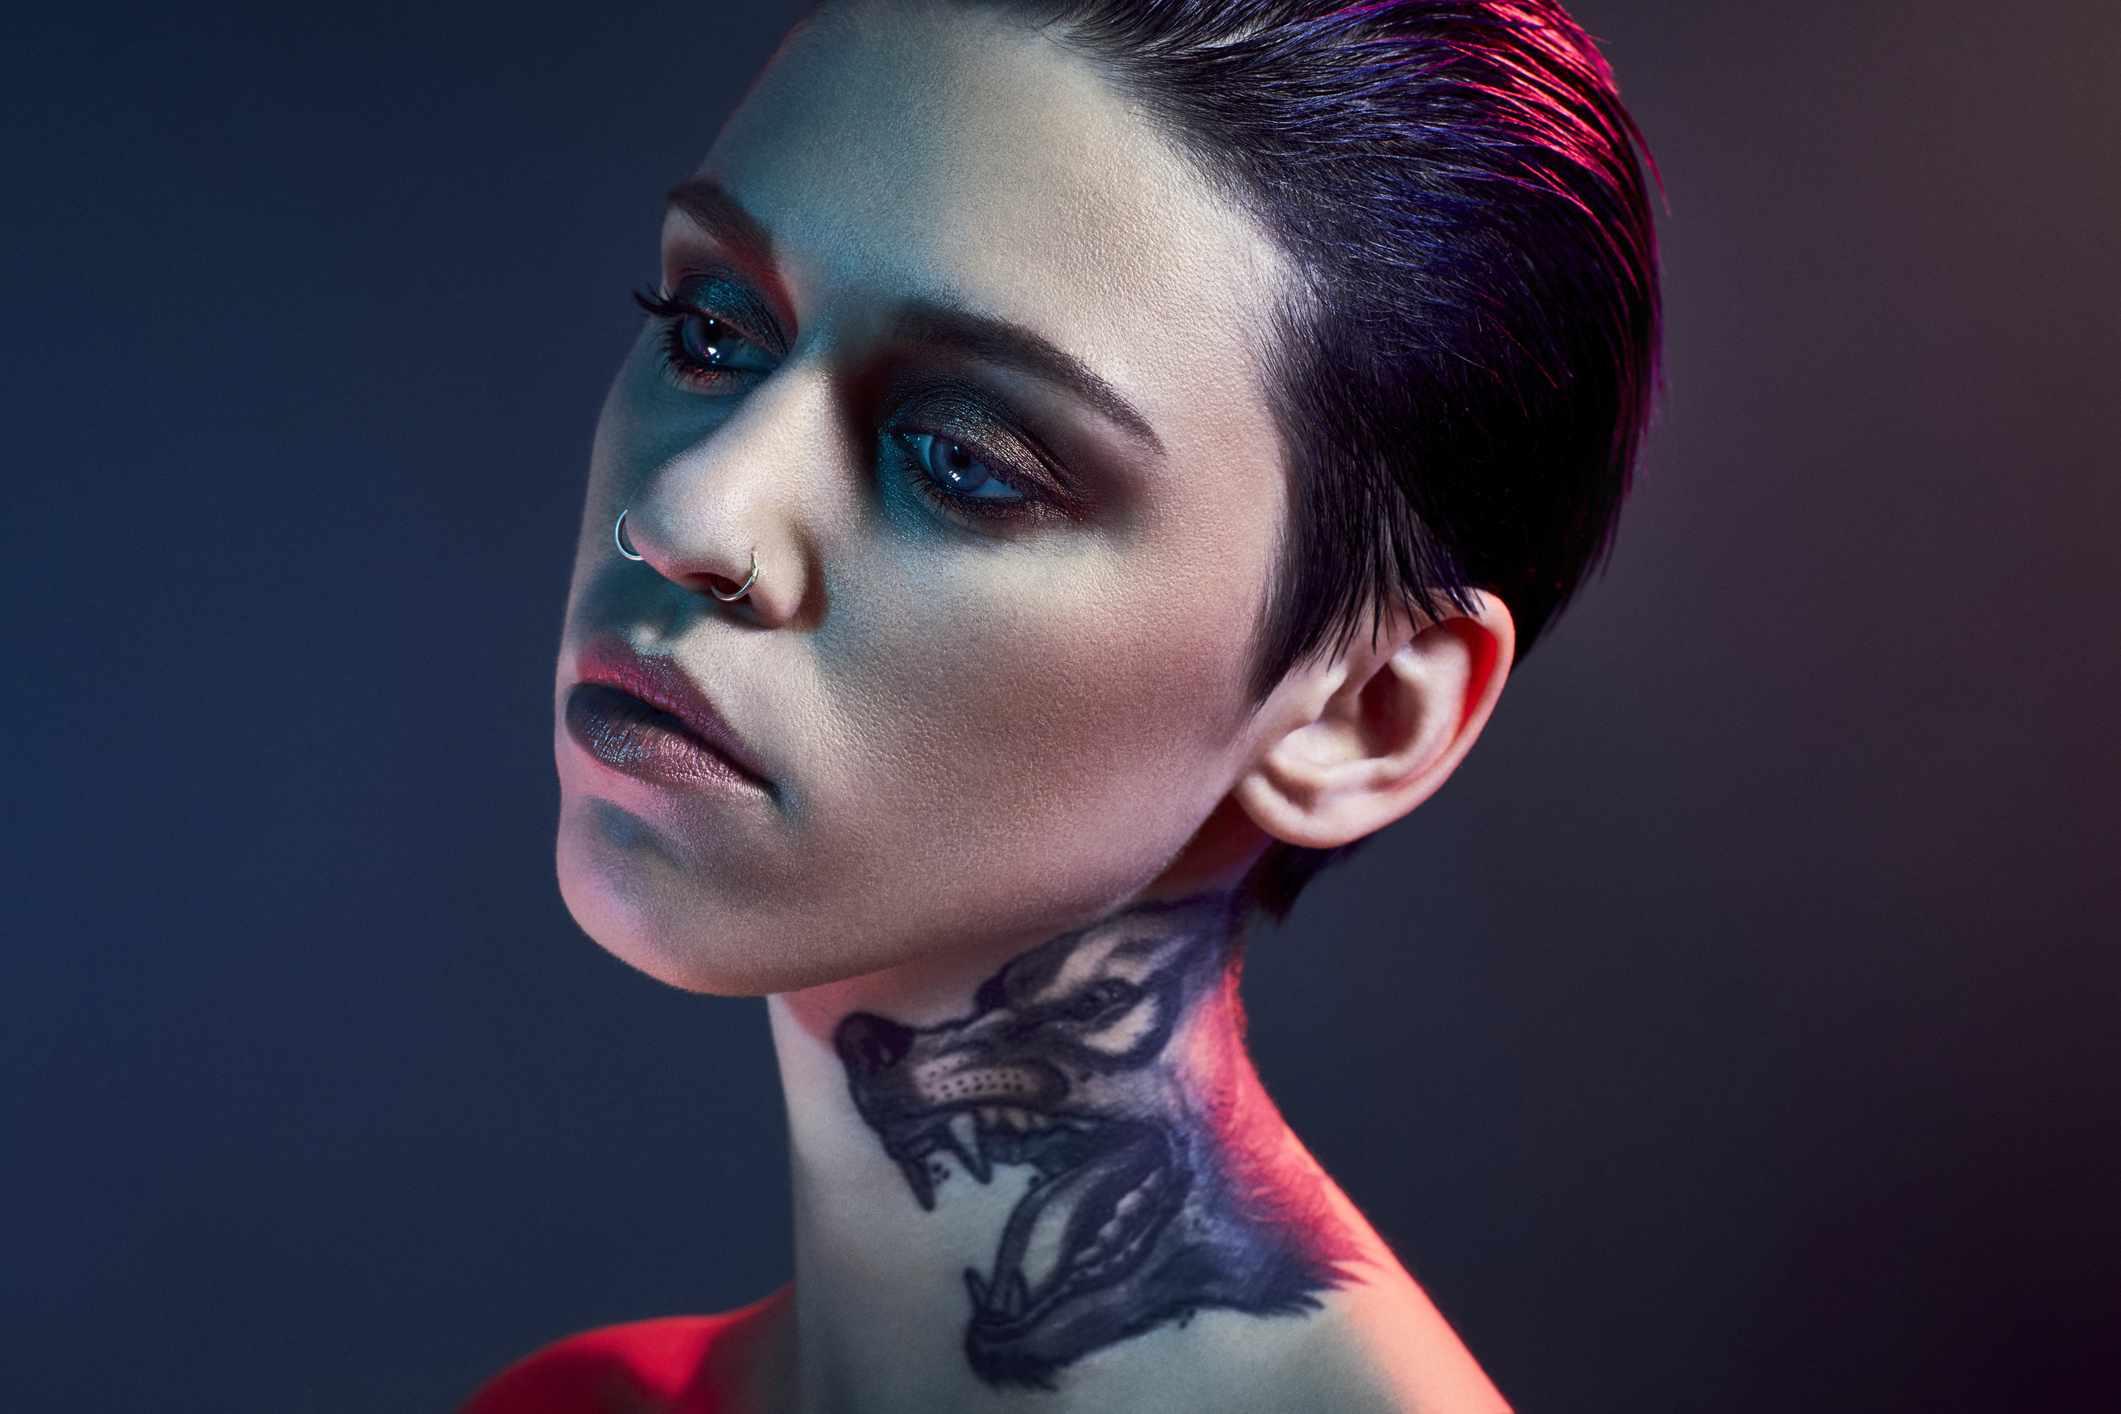 Una mujer joven con un tatuaje de lobo en el cuello posa para un retrato